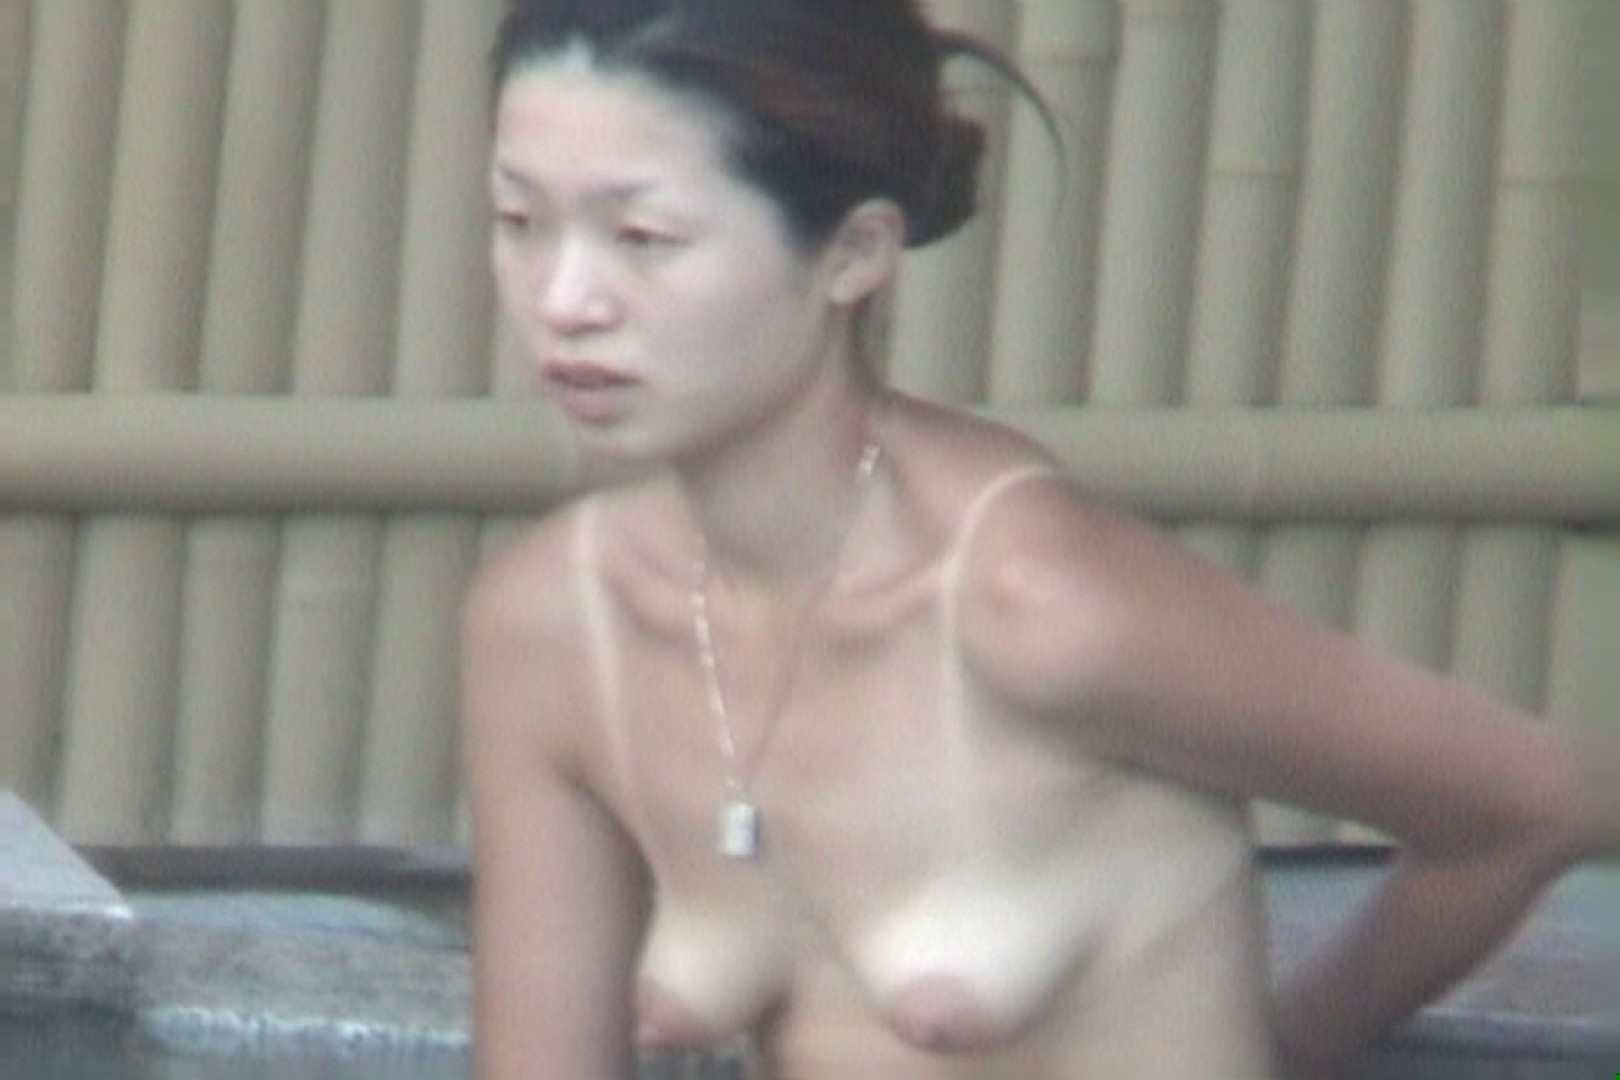 Aquaな露天風呂Vol.571 OLすけべ画像 ヌード画像 81連発 74